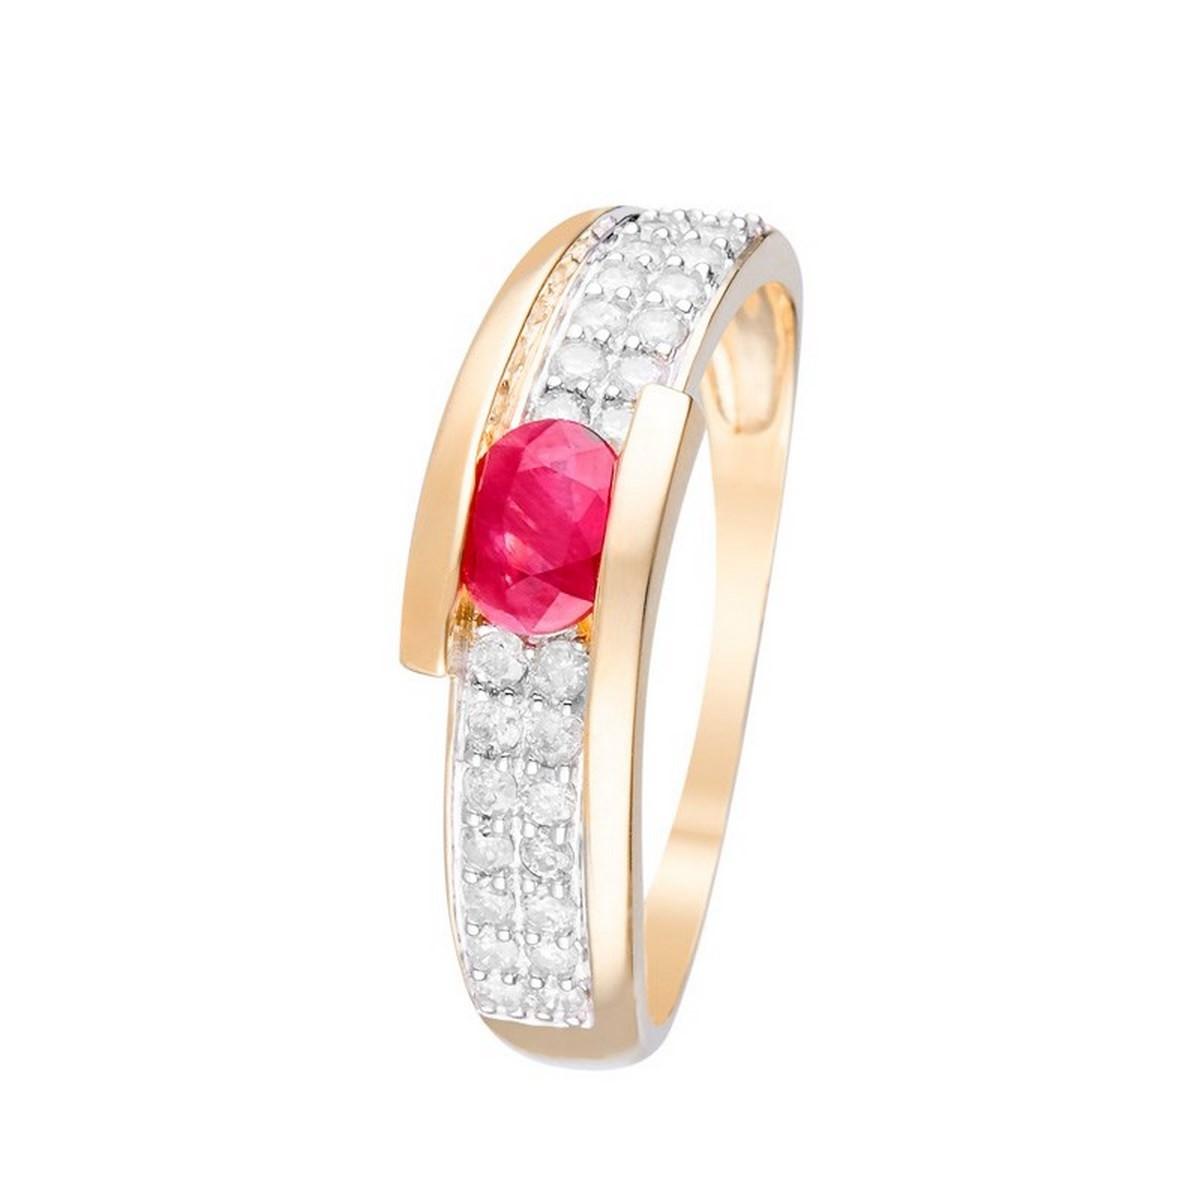 """Bague Or Jaune 375 """"JAIPUR"""" Diamants 0,28 carat et Rubis 0,48 carats"""